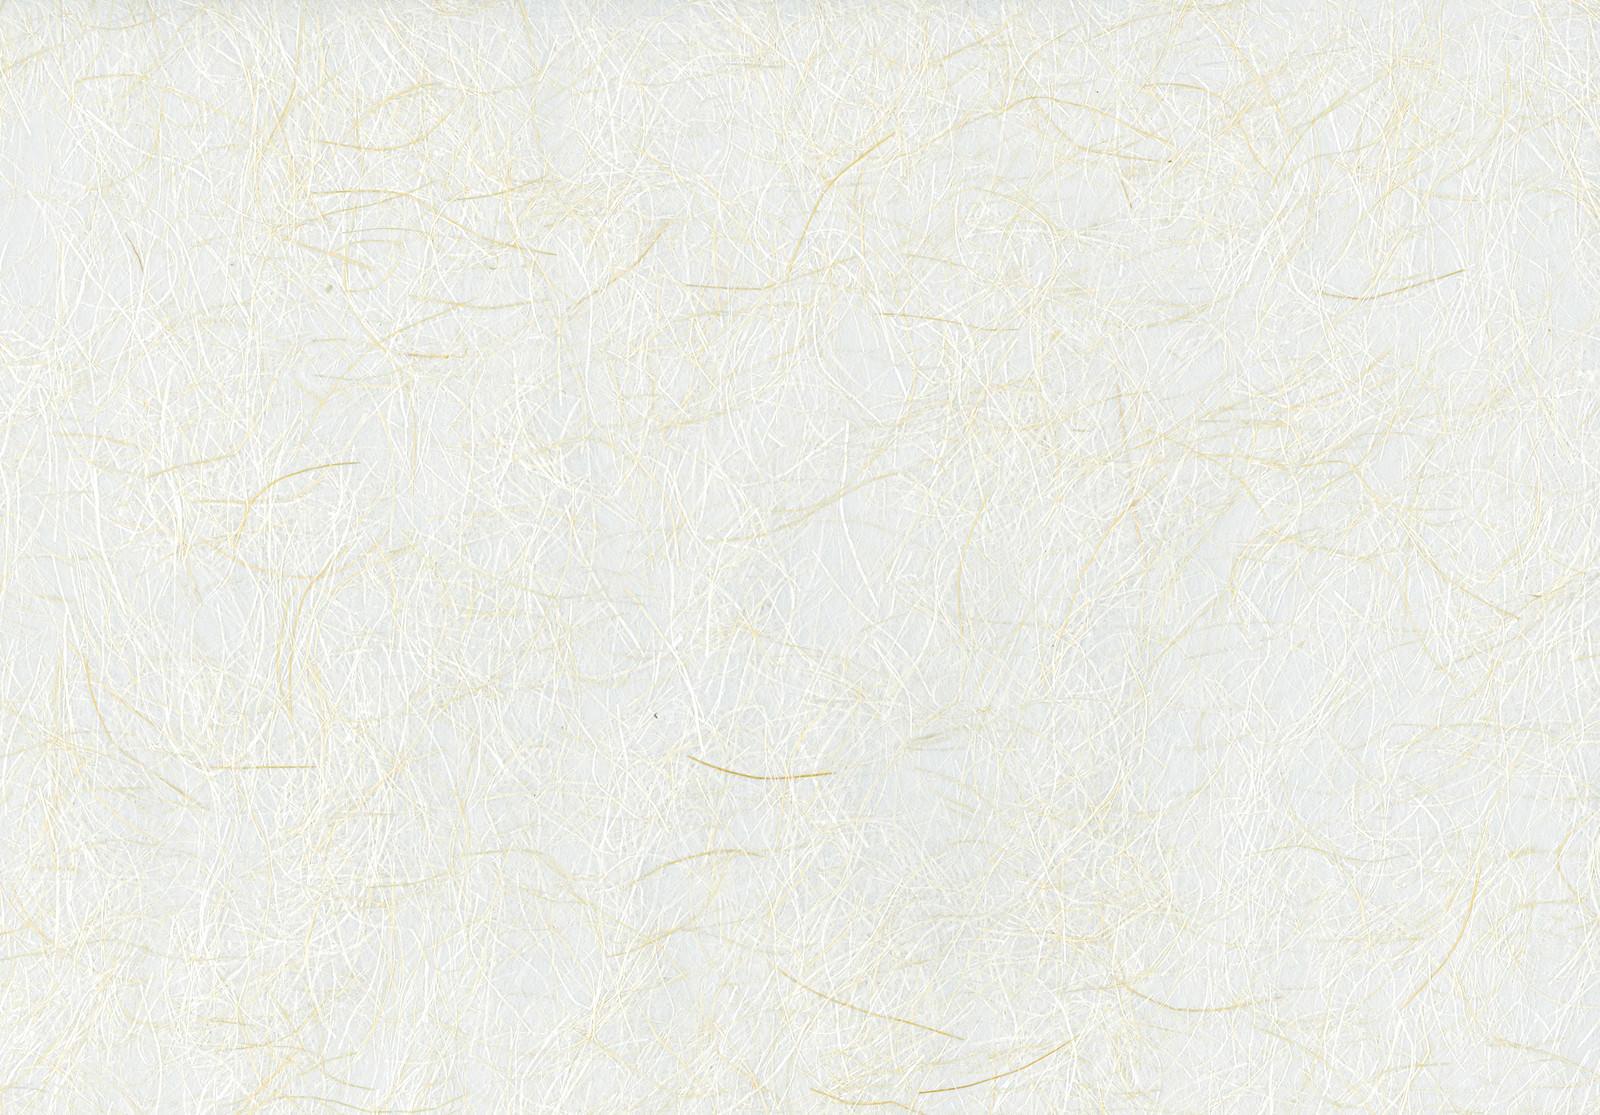 「繊維入り和紙(テクスチャ)」の写真